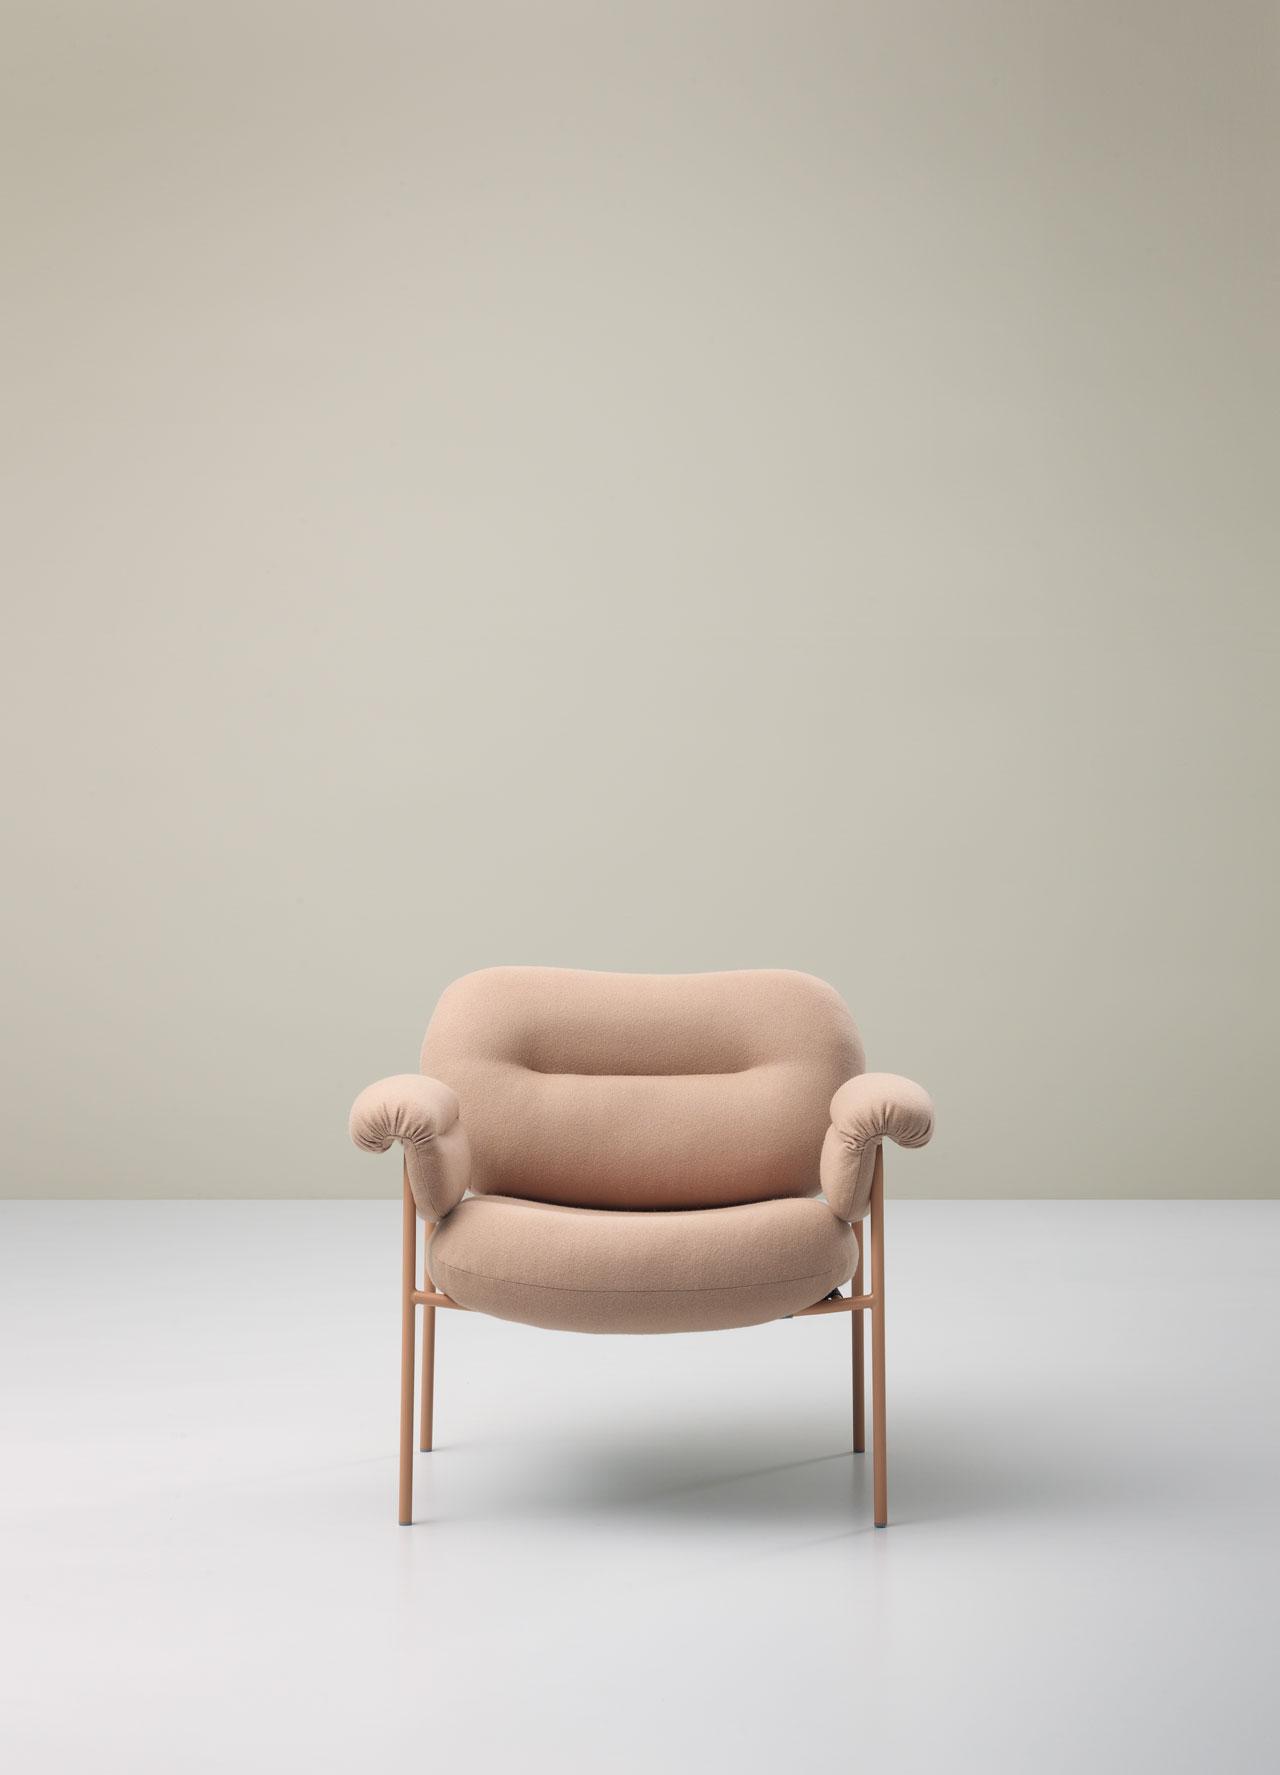 Bollo armchair by Fogia.